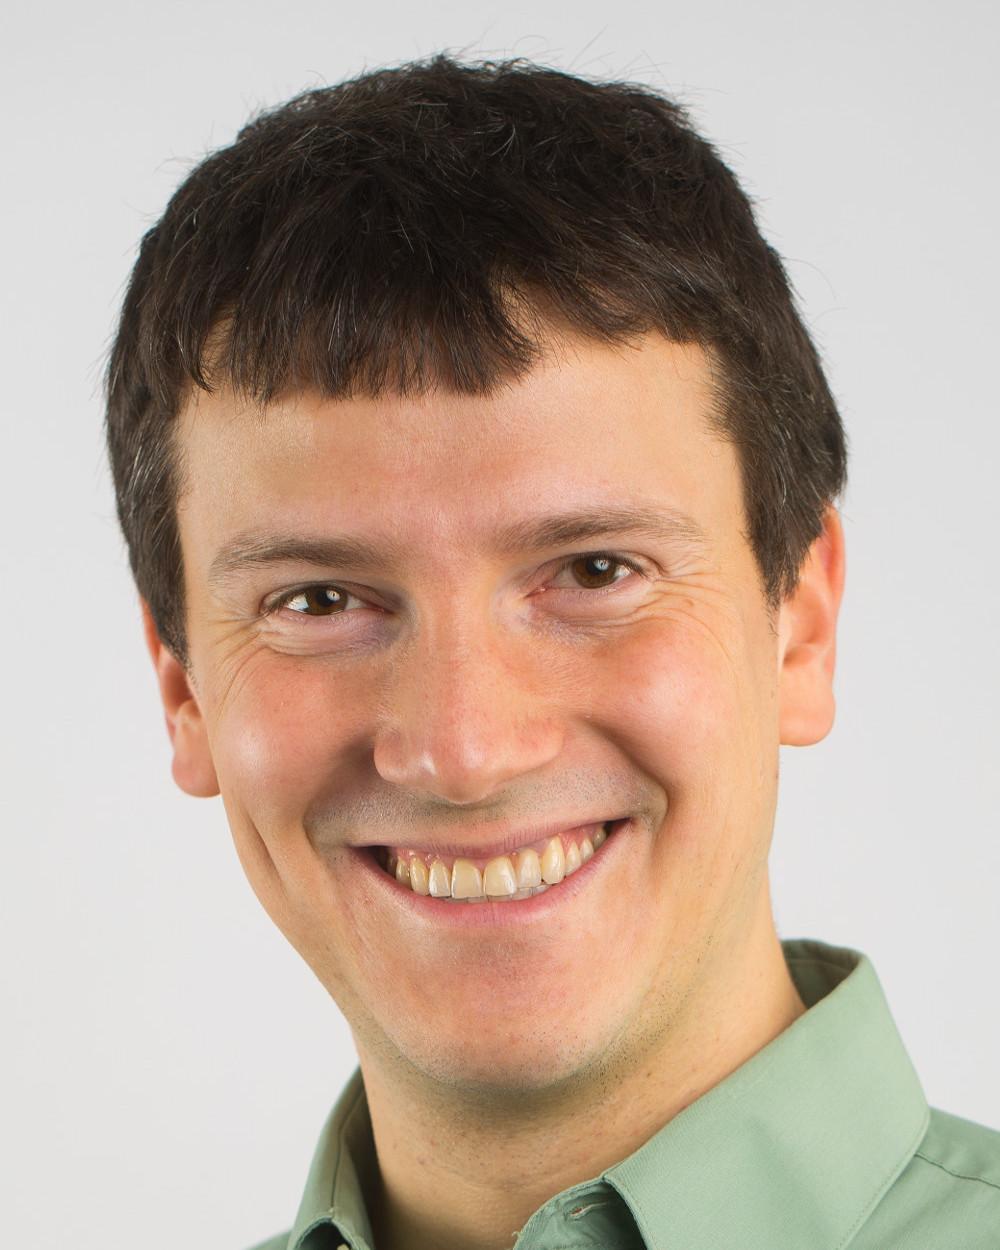 Yuriy Brun